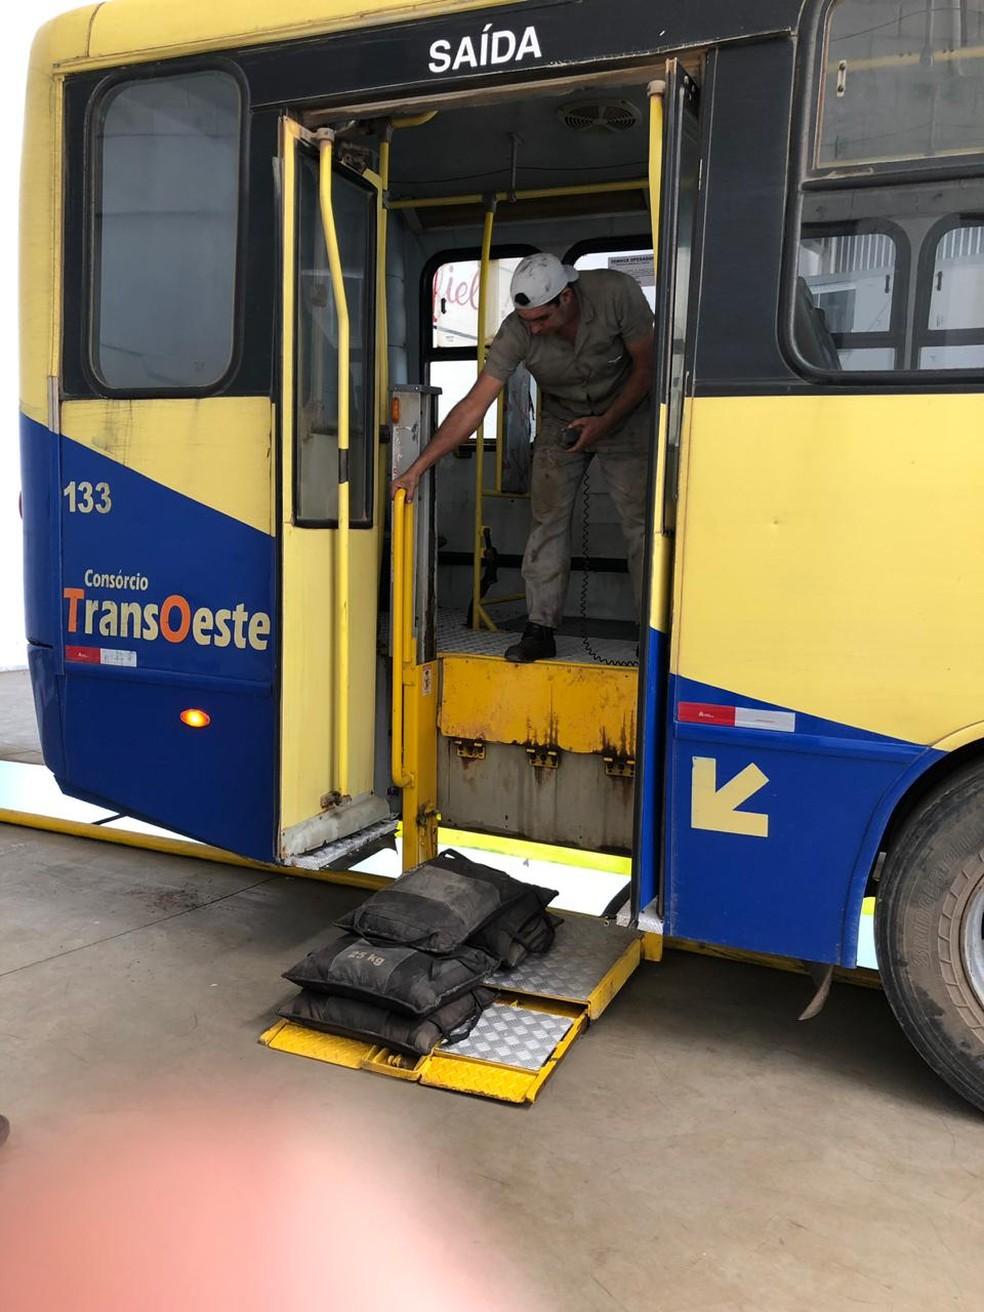 TransOeste deve indenizar cadeirante que sofreu acidente em ônibus em Divinópolis  — Foto: Prefeitura de Divinópolis/ Divulgação